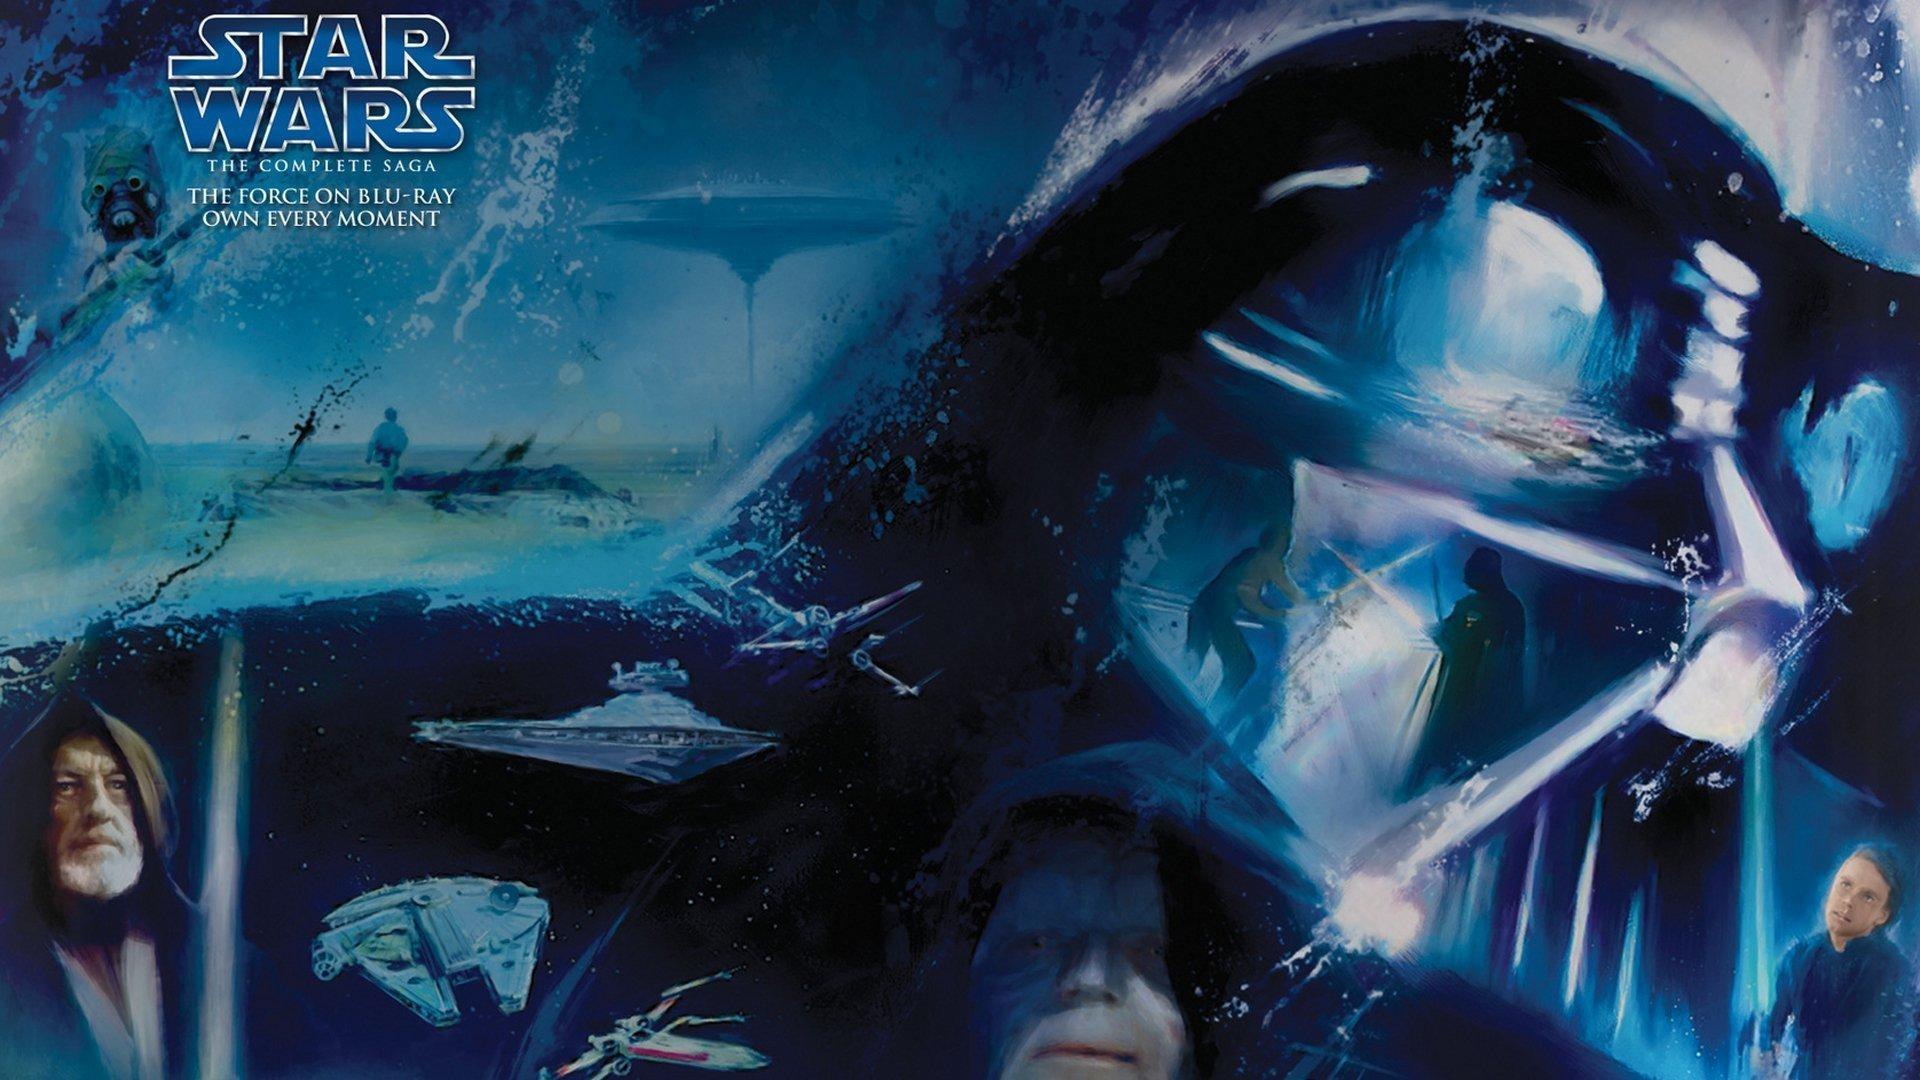 star-wars-hd-wallpaper-wp2009265